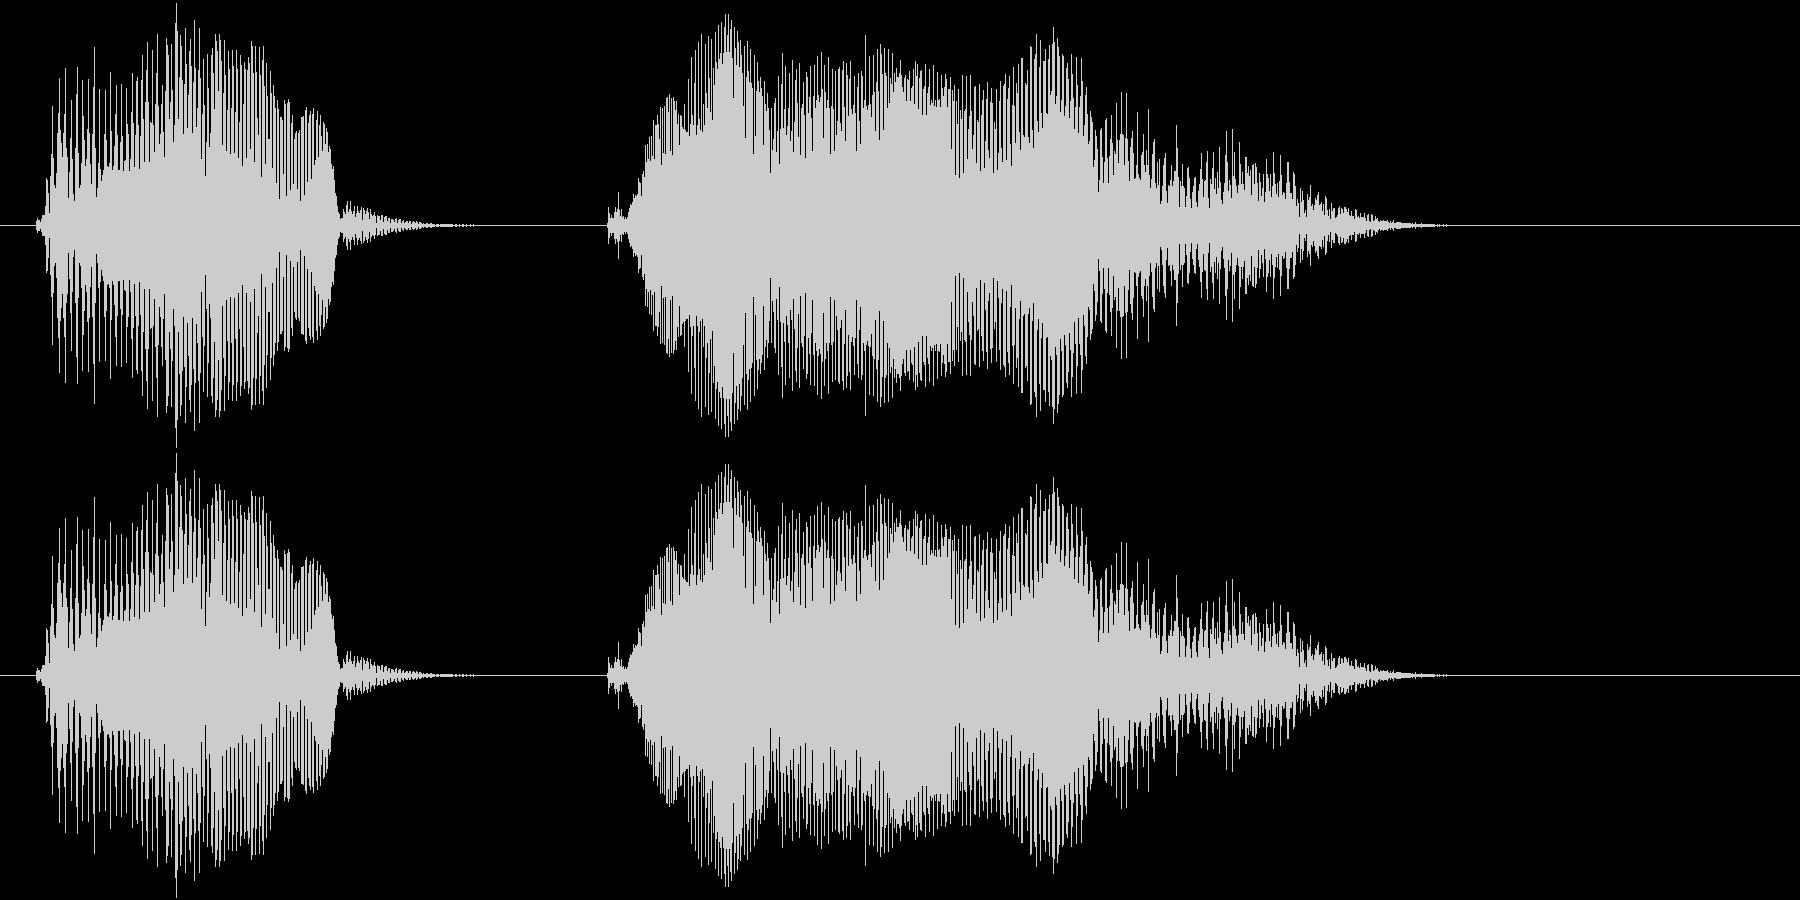 遊技機ゲーム用女性ボイス「オッケー」の未再生の波形